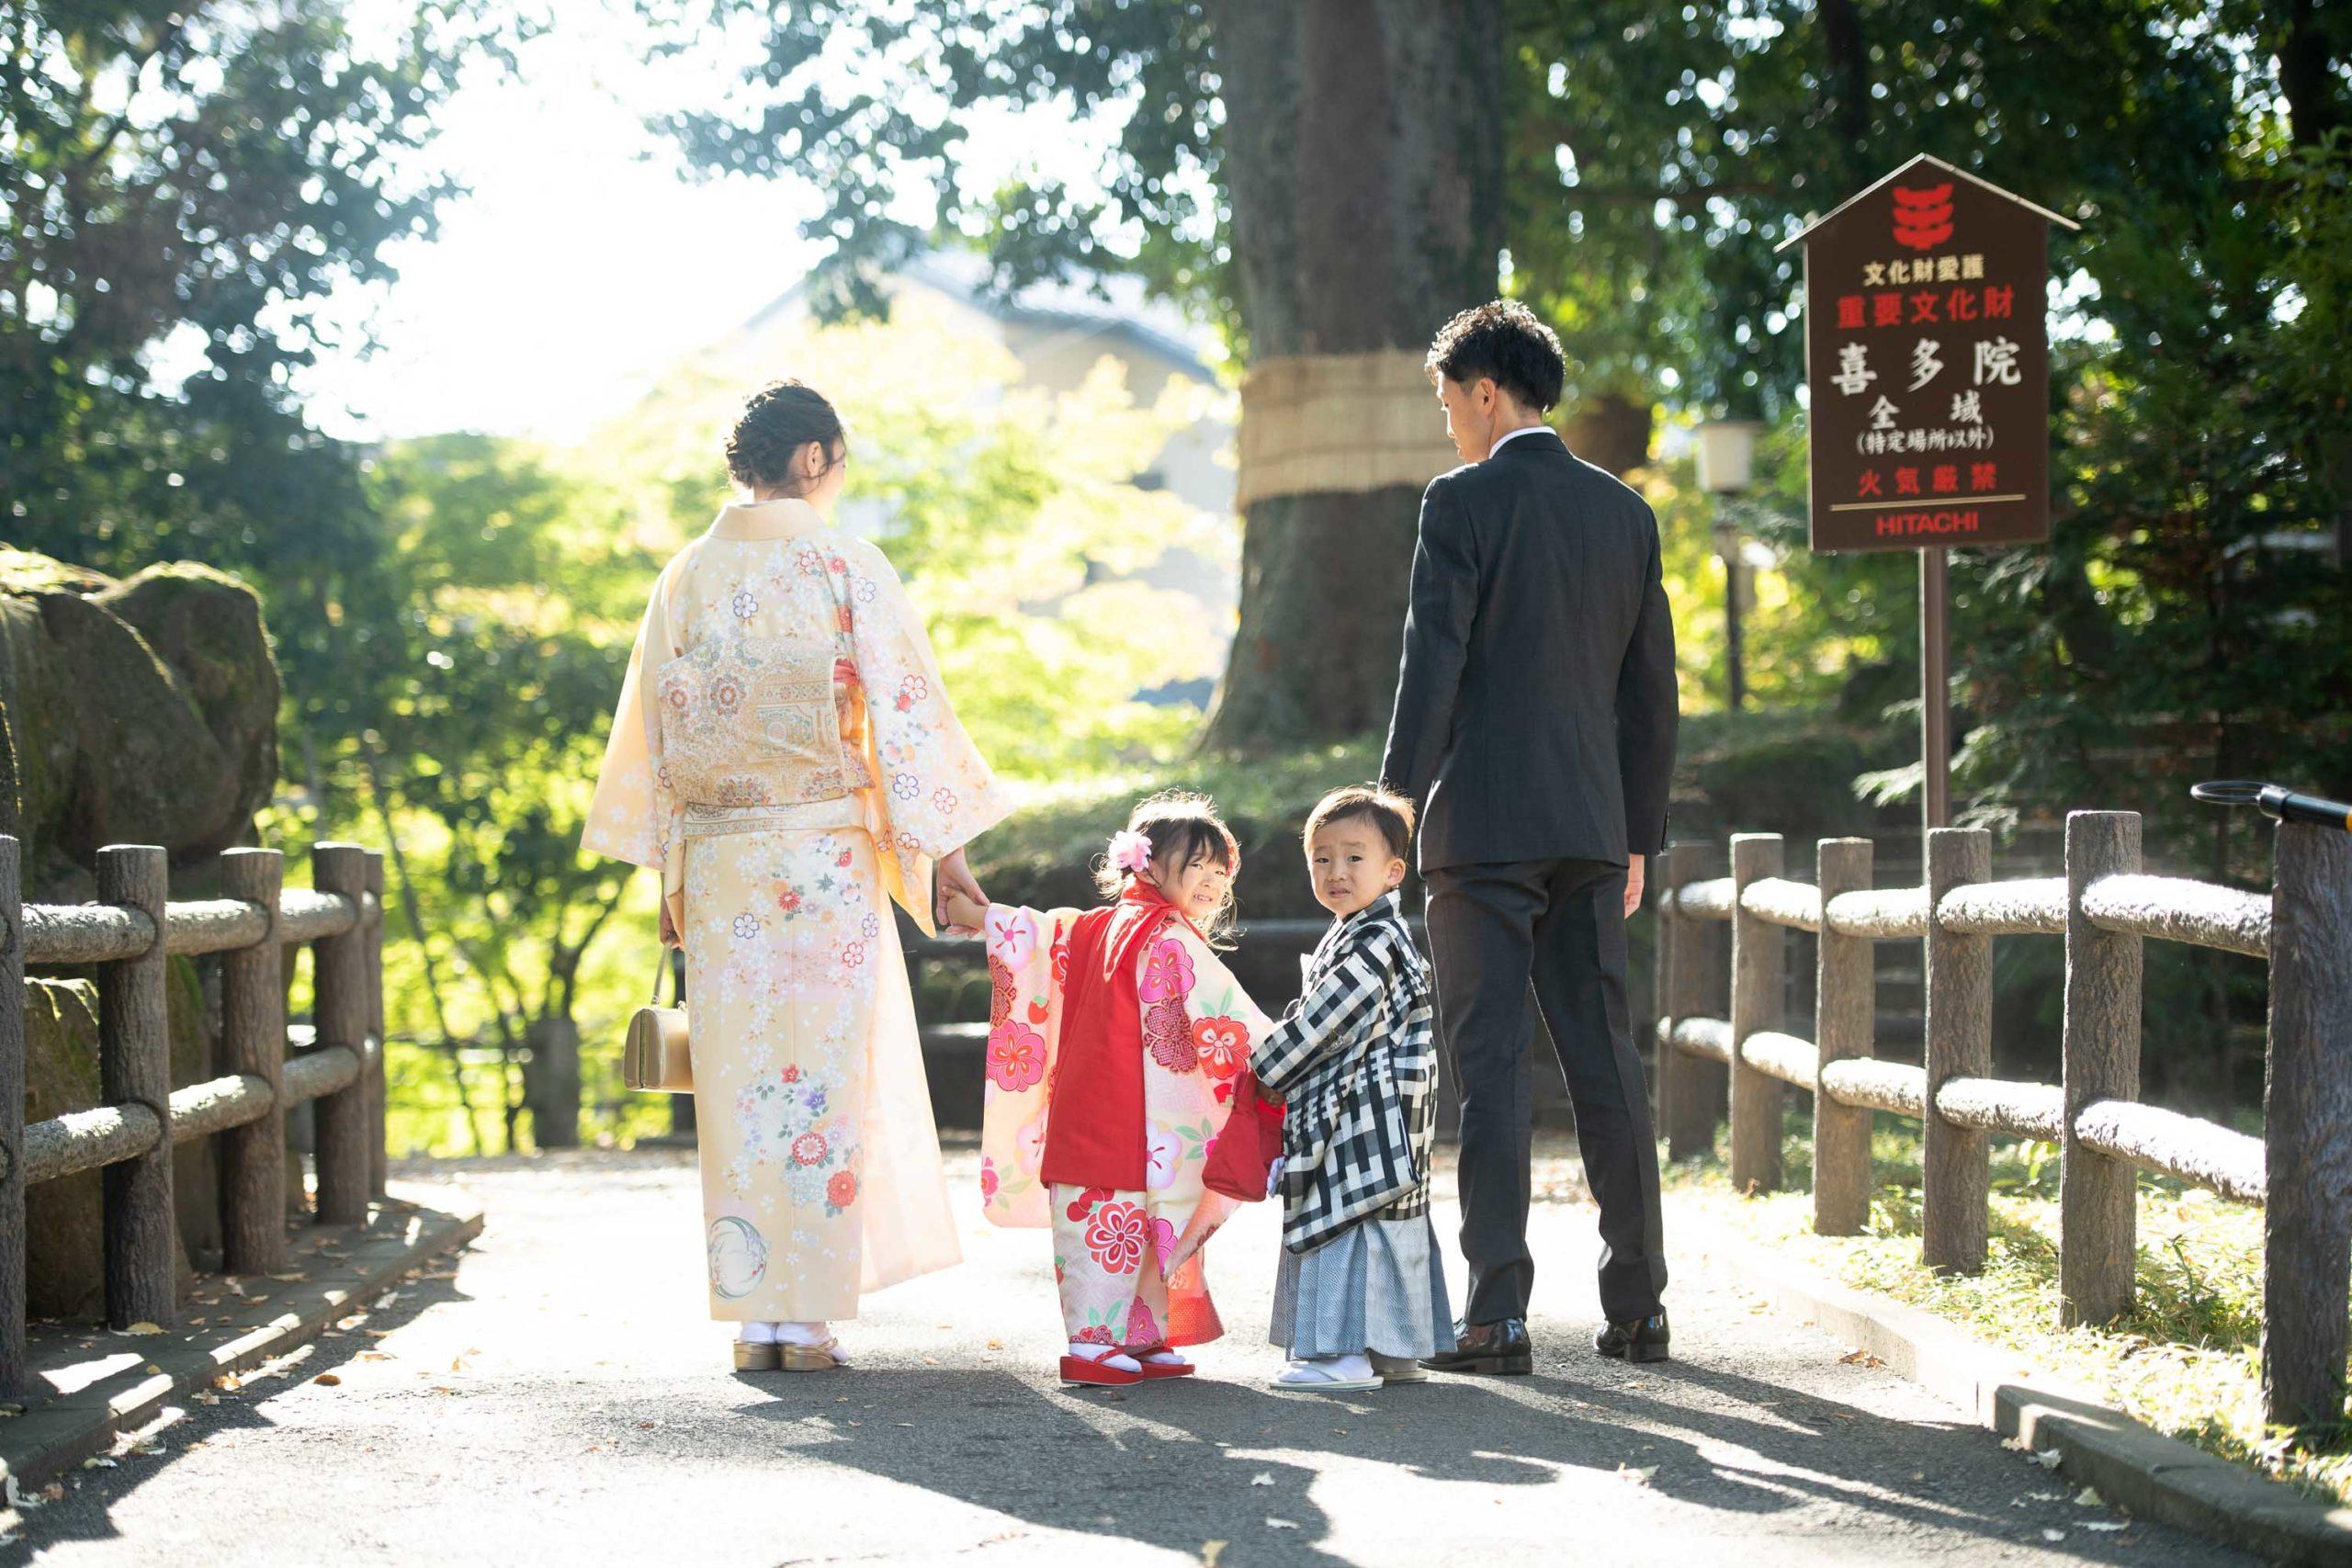 着物を着た3歳の男の子と女の子が母と父に手を繋がれて立っている